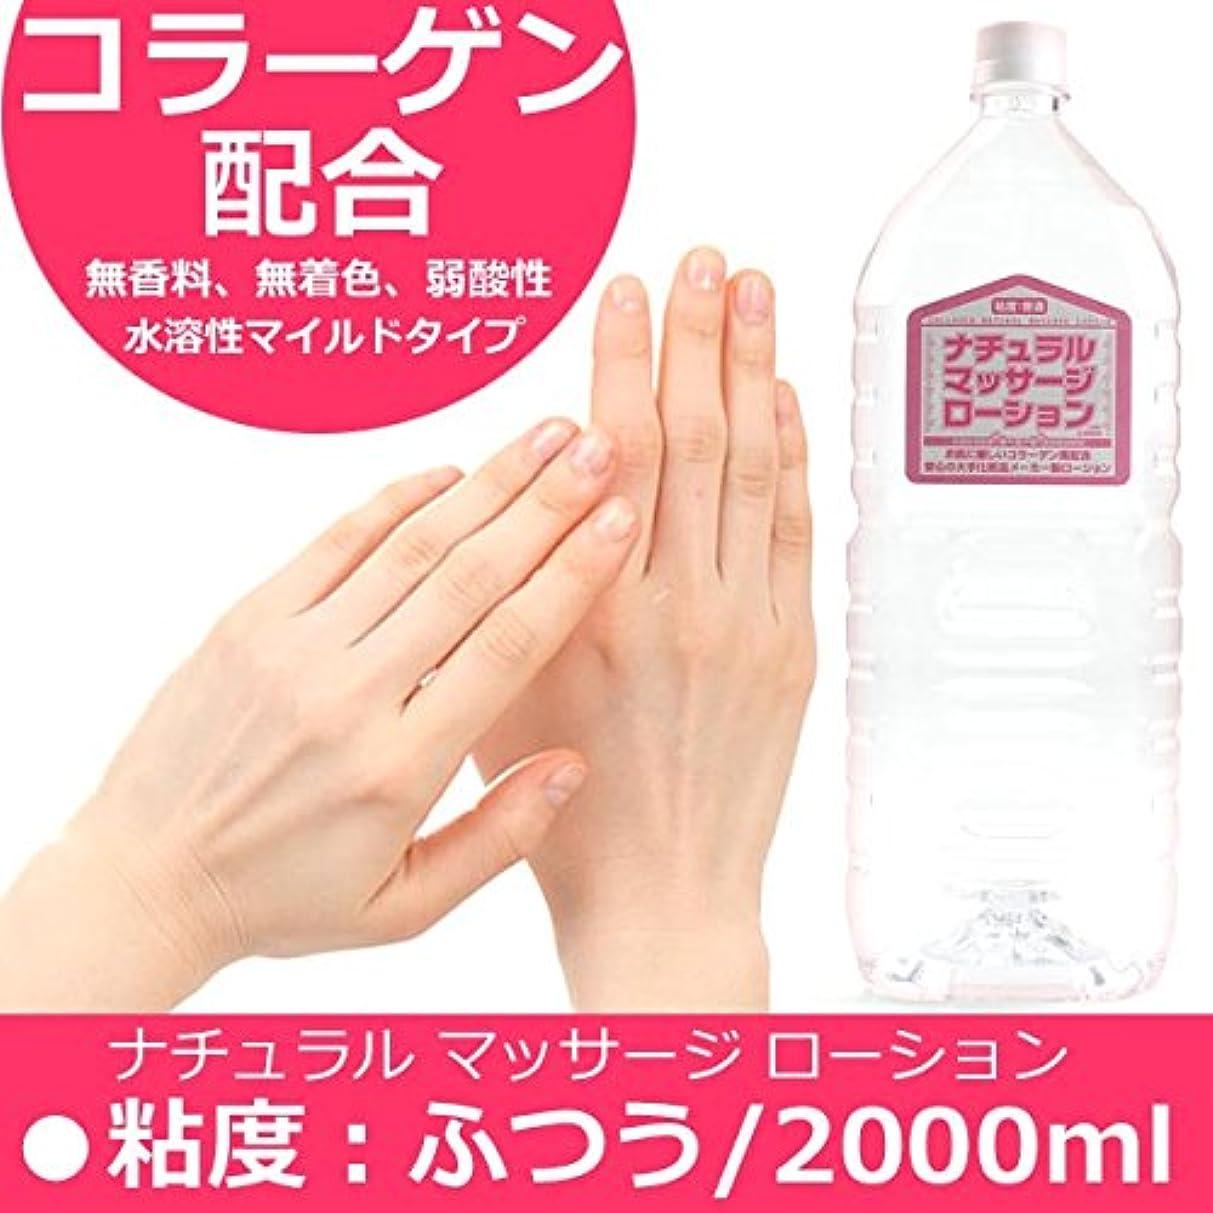 ディンカルビル引き受ける文法ナチュラルマッサージ ローション 2000m 業務用の詰替えにも!!